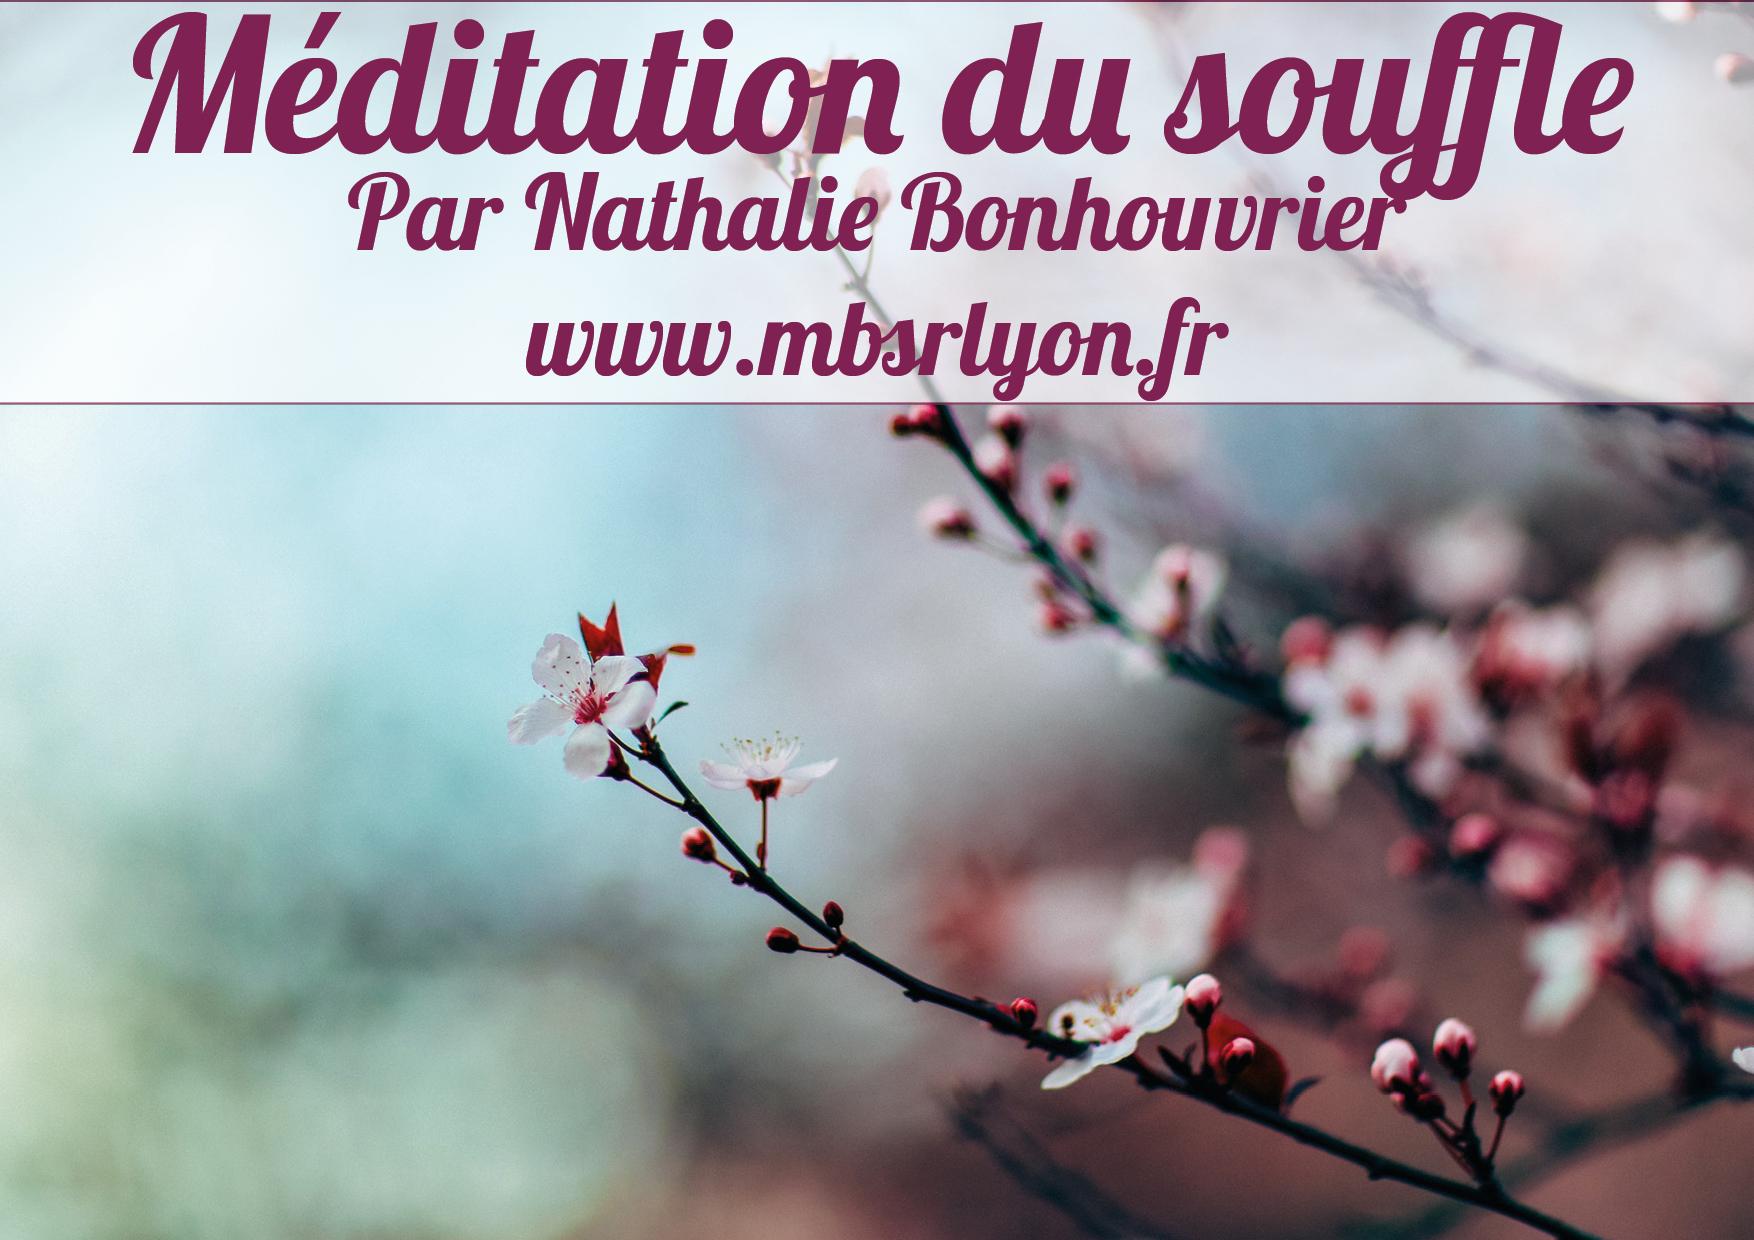 Image article MBSR Lyon Méditation du souffle – en vidéo